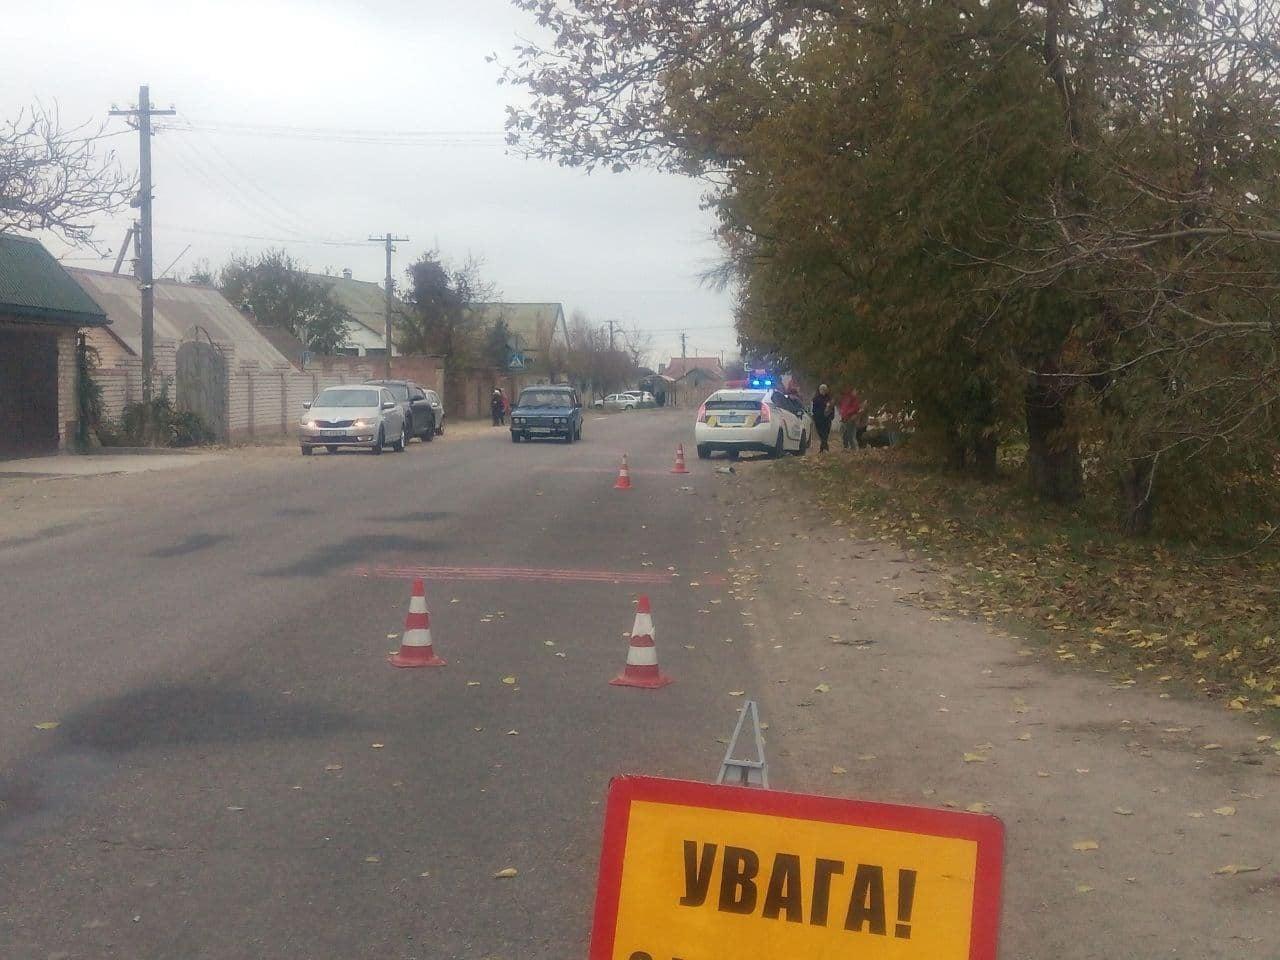 В Камышанах автомобиль сбил 11-летнего парня: полиция ищет свидетелей ДТП, мальчик в коме